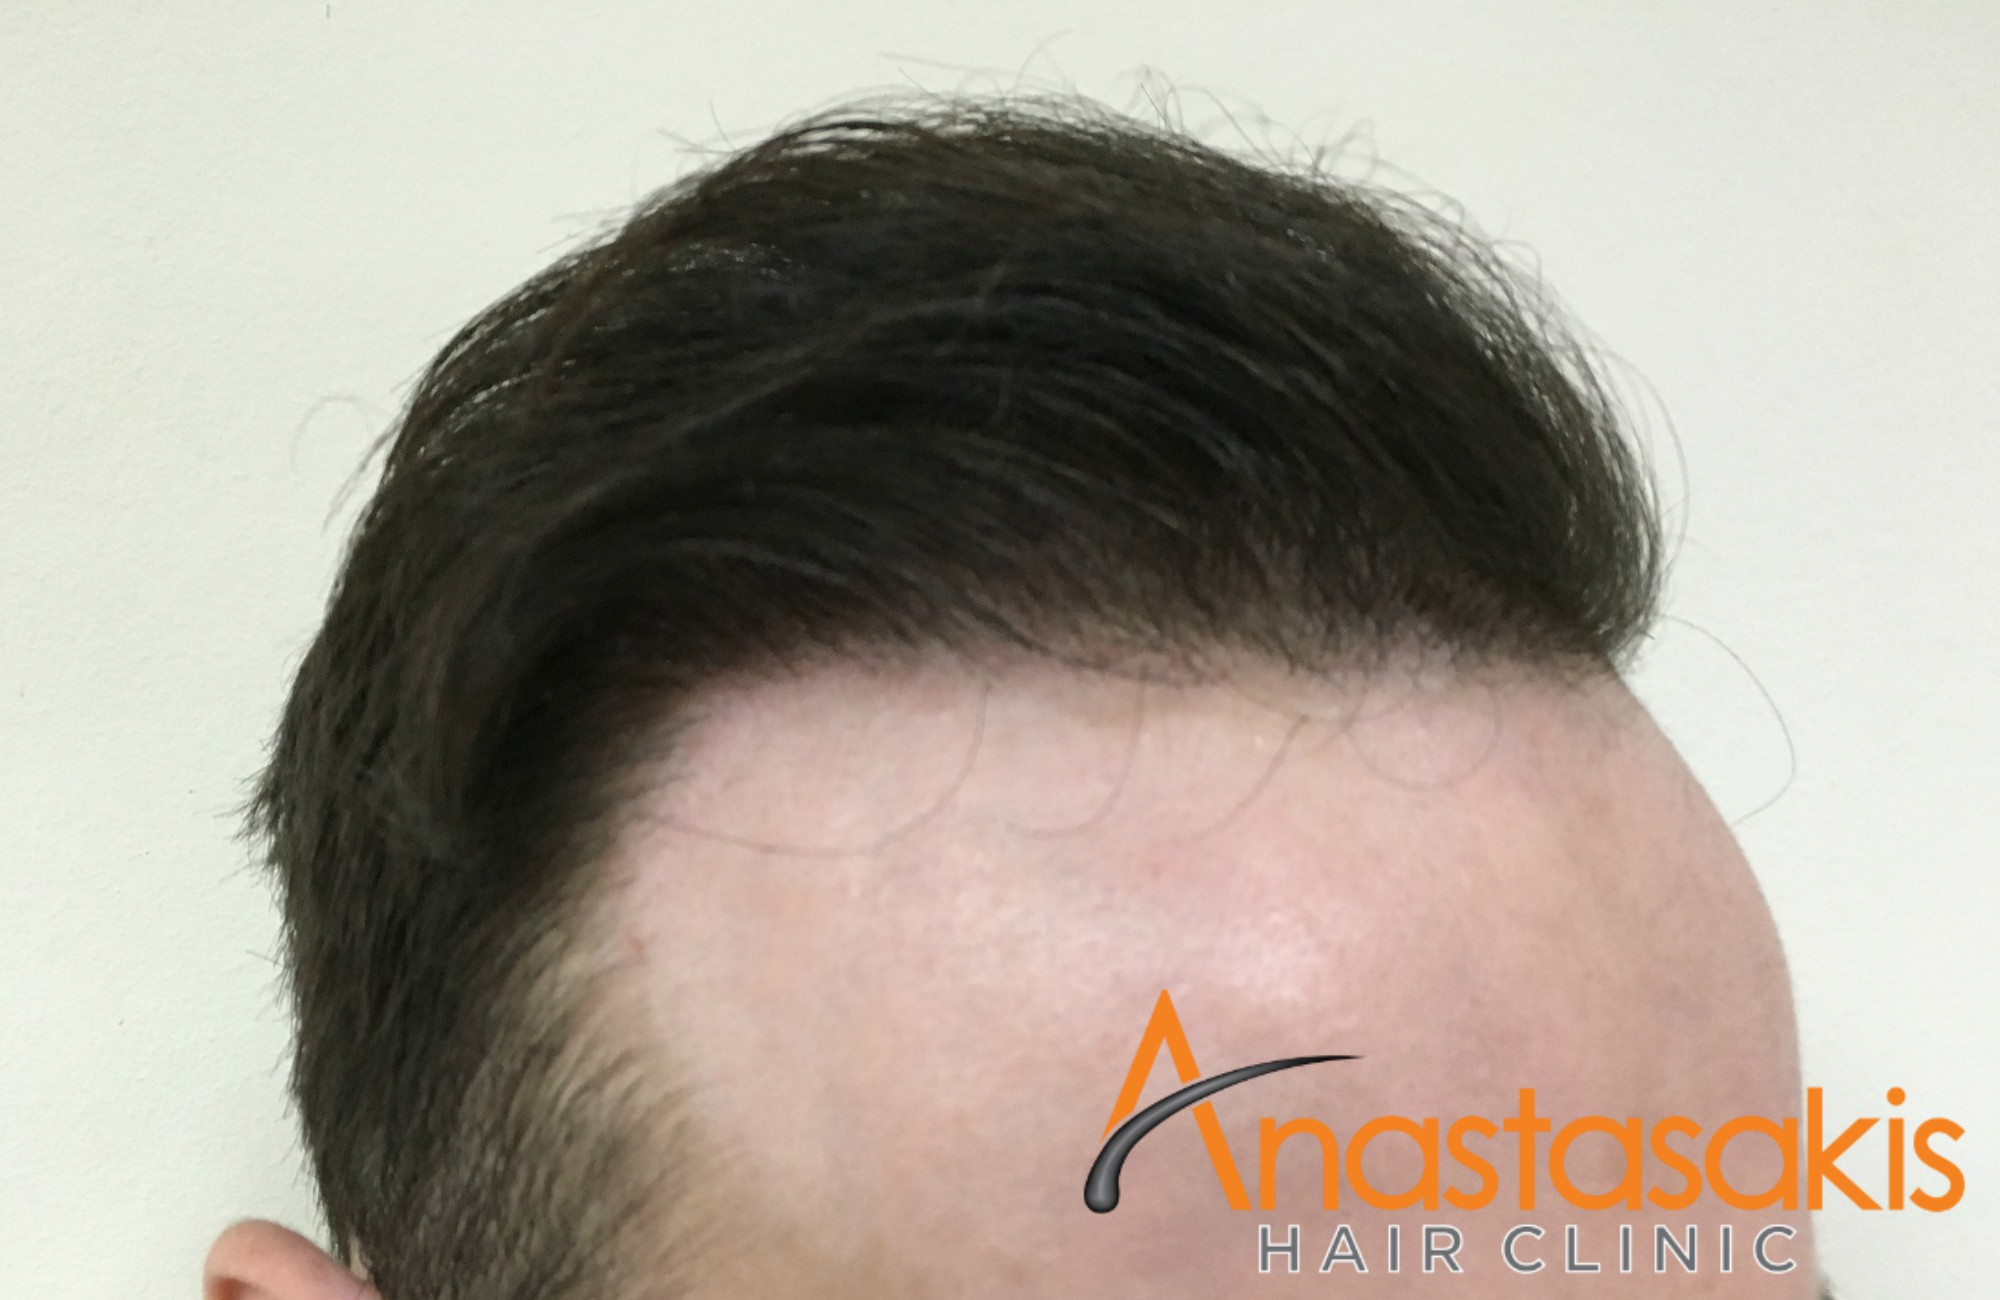 δεξι προφιλ ασθενους μετα τη μεταμοσχευση μαλλιων με 2000 fus